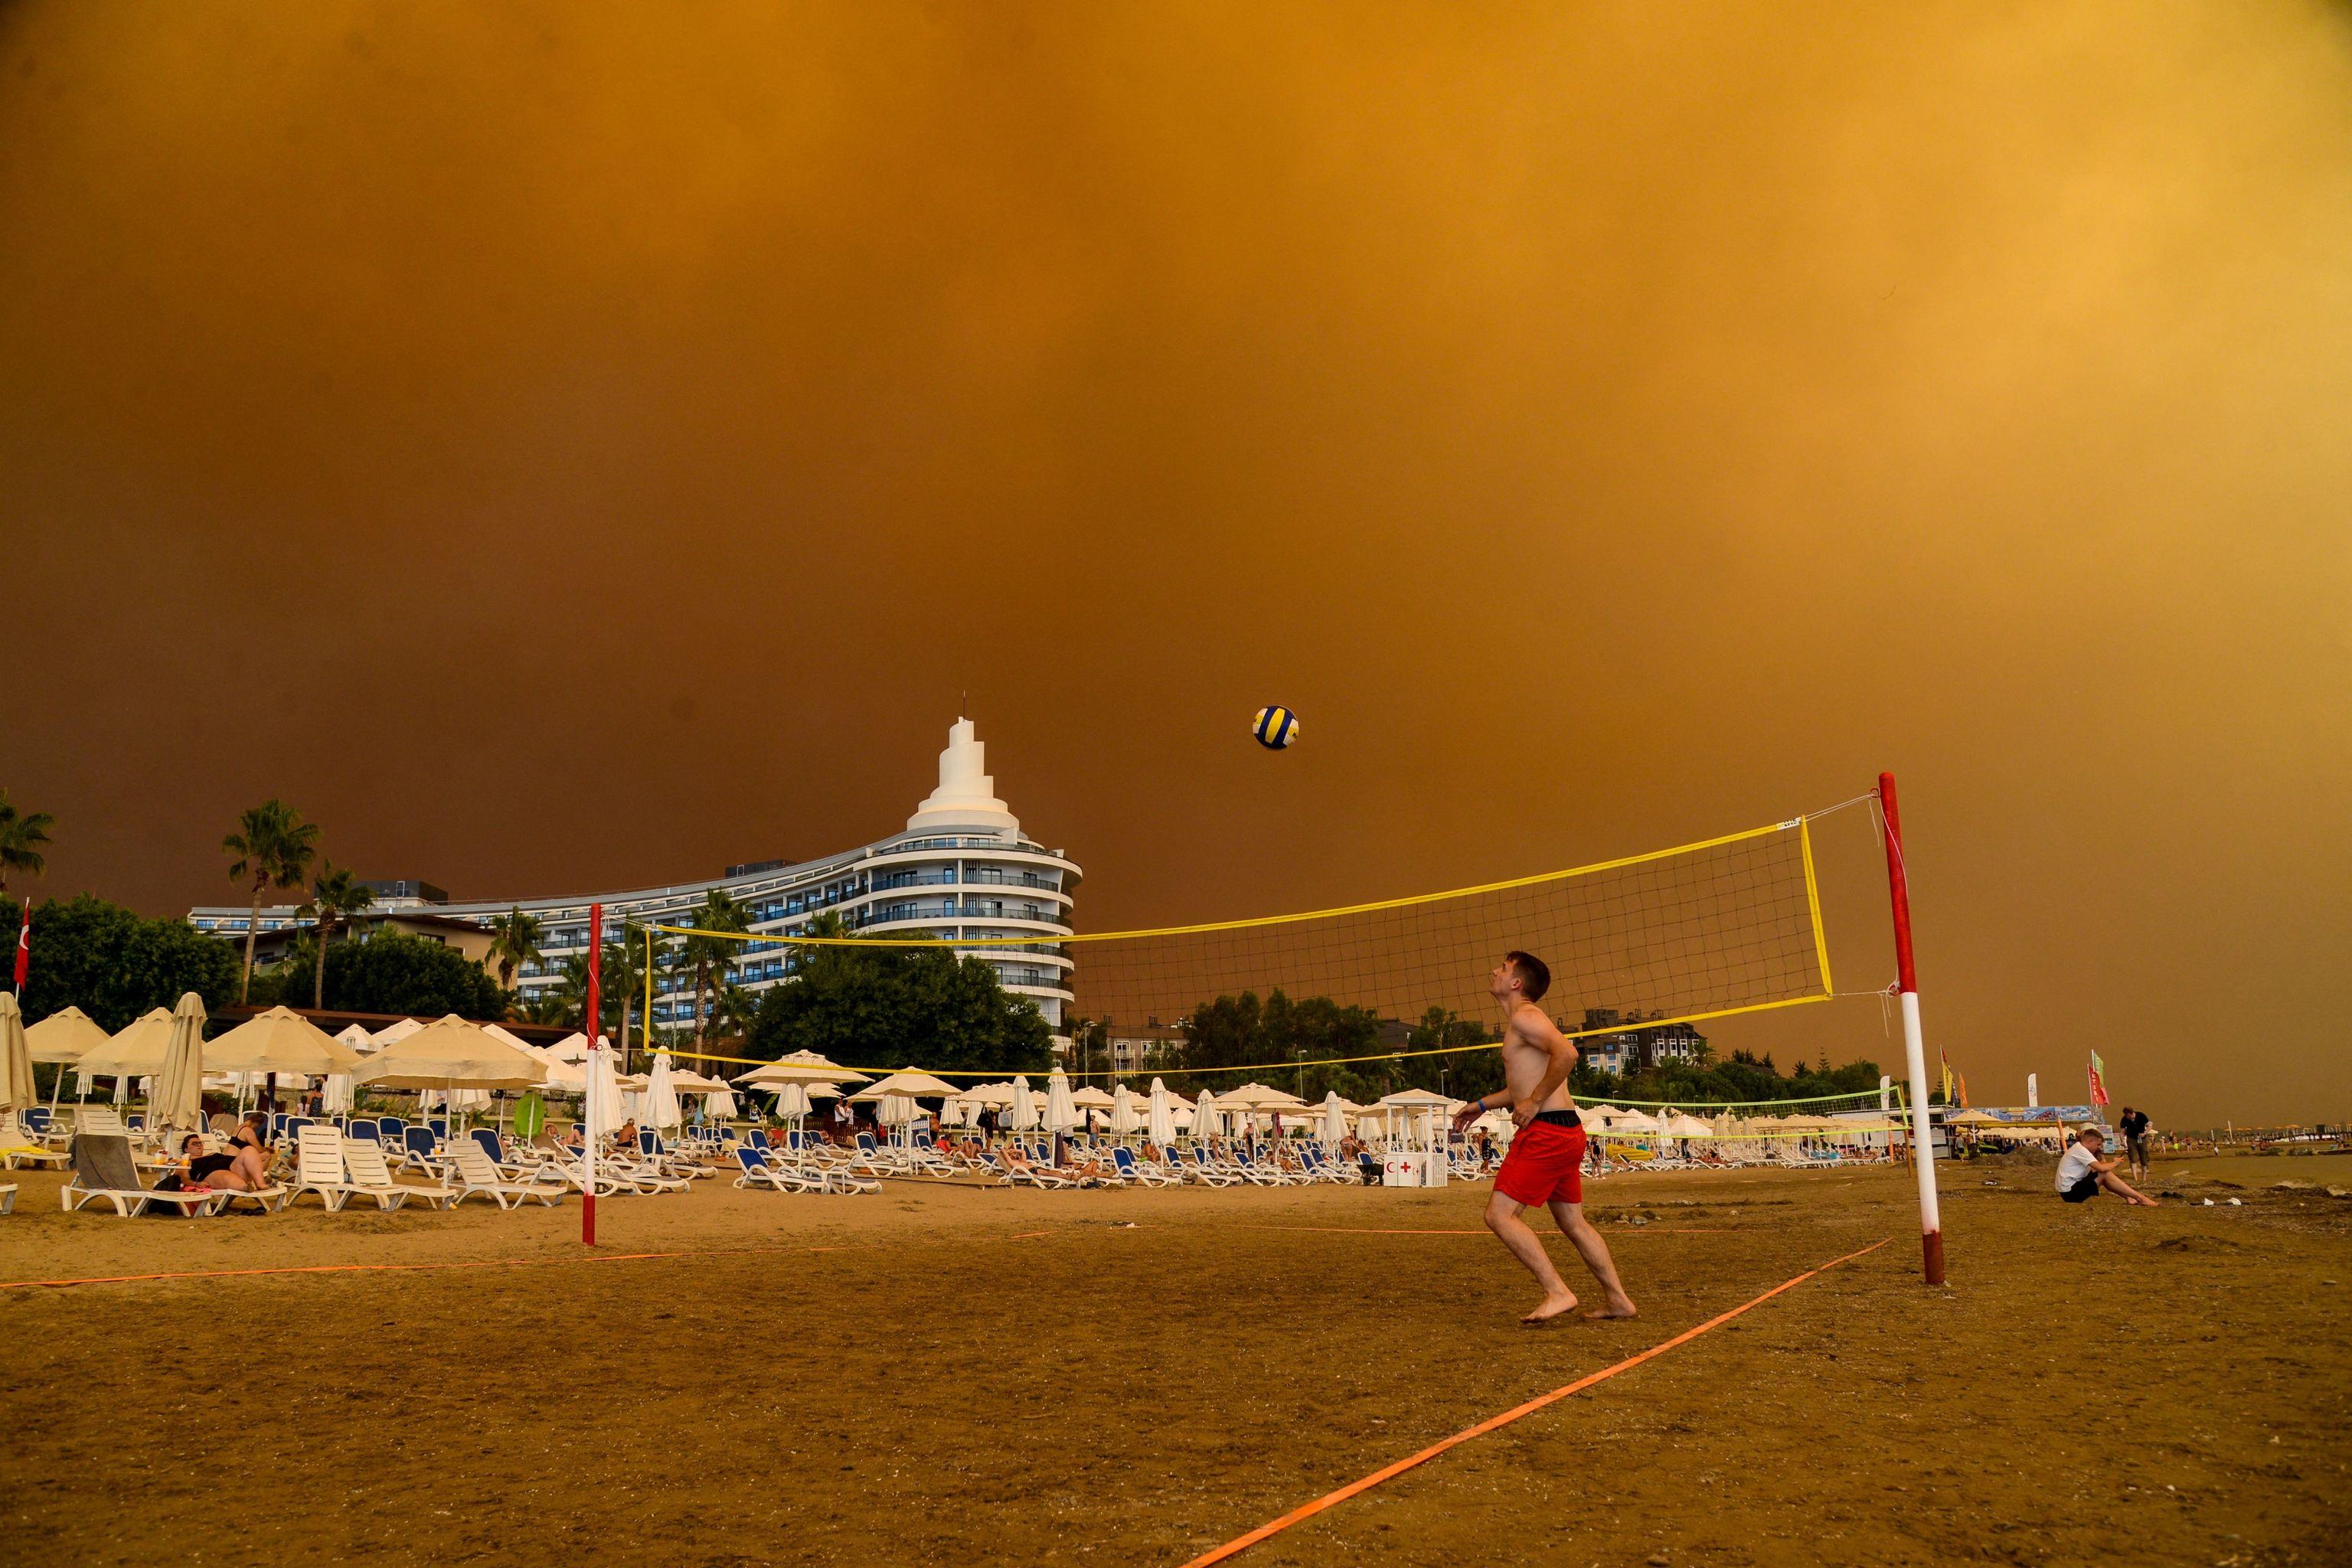 El humo de un incendio oscurece una playa de Turquía.